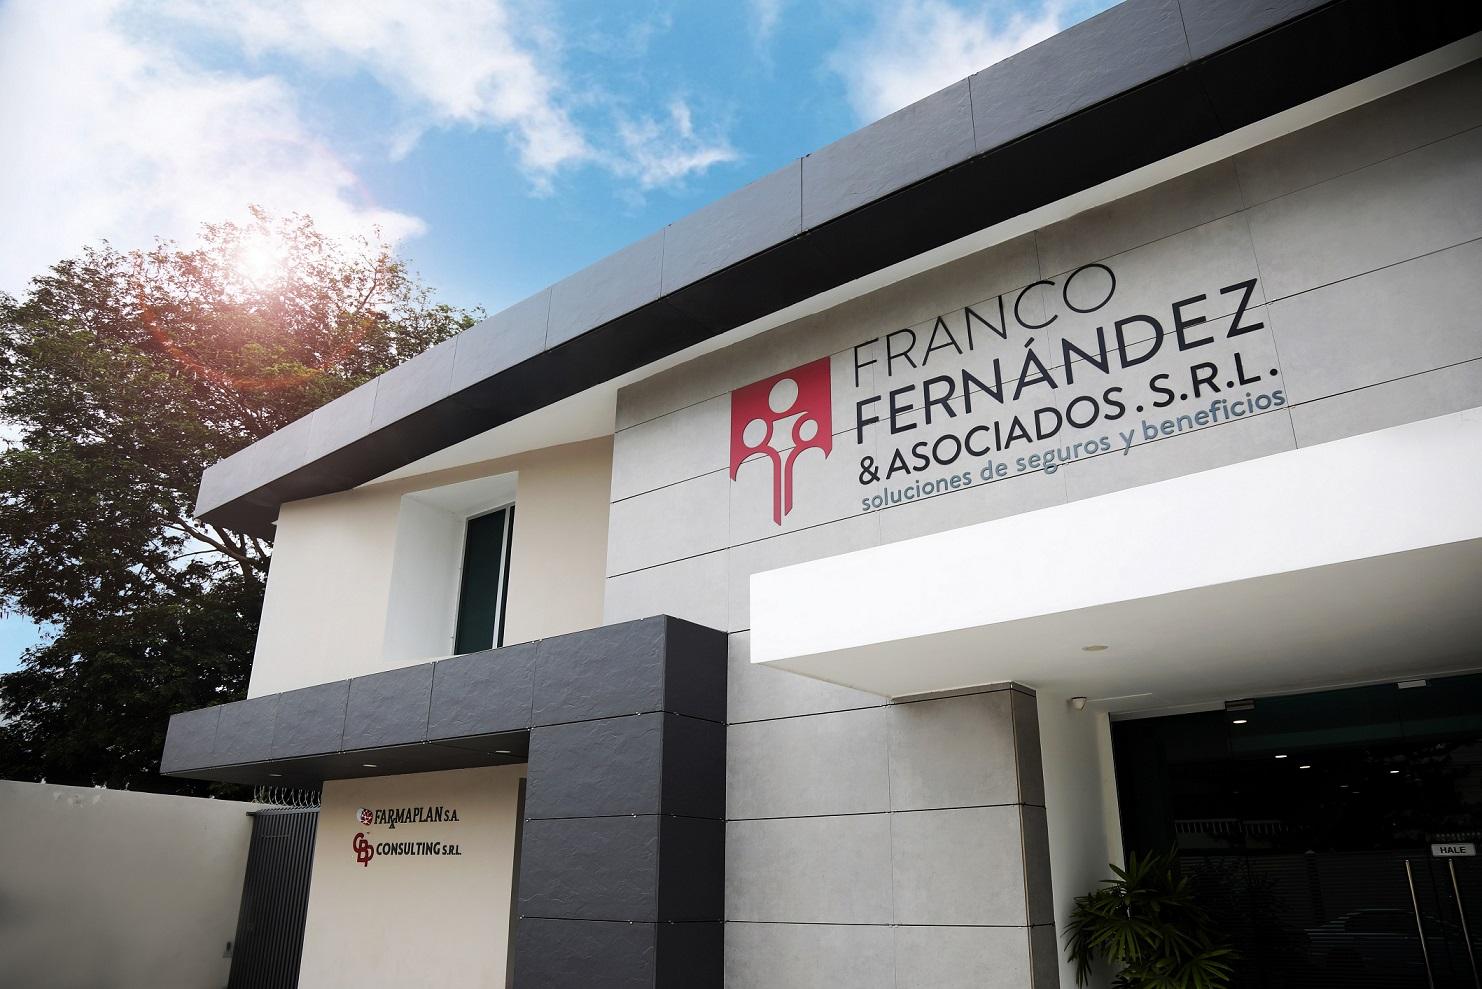 Fachada Franco Fernandez & Asociados building